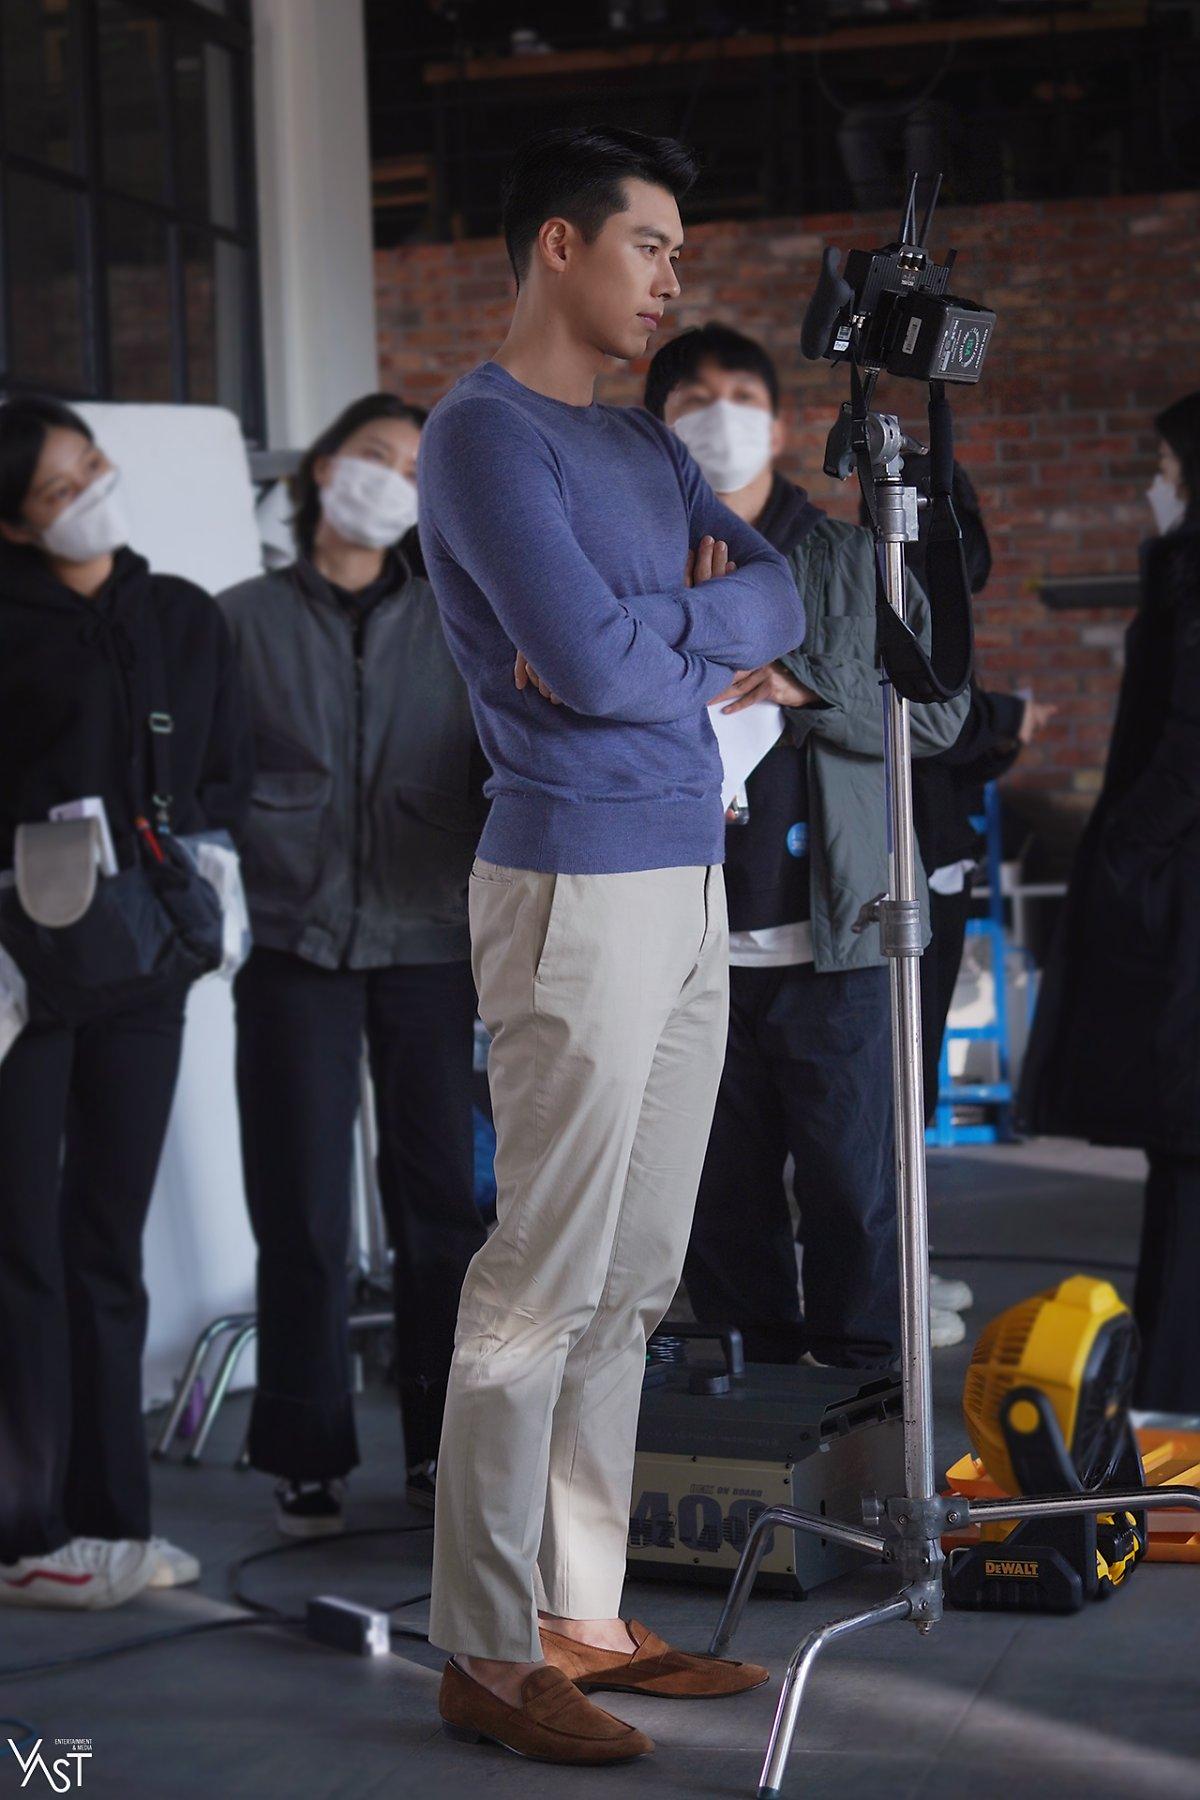 Hyun Bin luôn kiểm tra lại biểu cảm, đề nghị được quay lại khi thấy phần thể hiện chưa tốt. Hình ảnh diễn viên khoanh tay